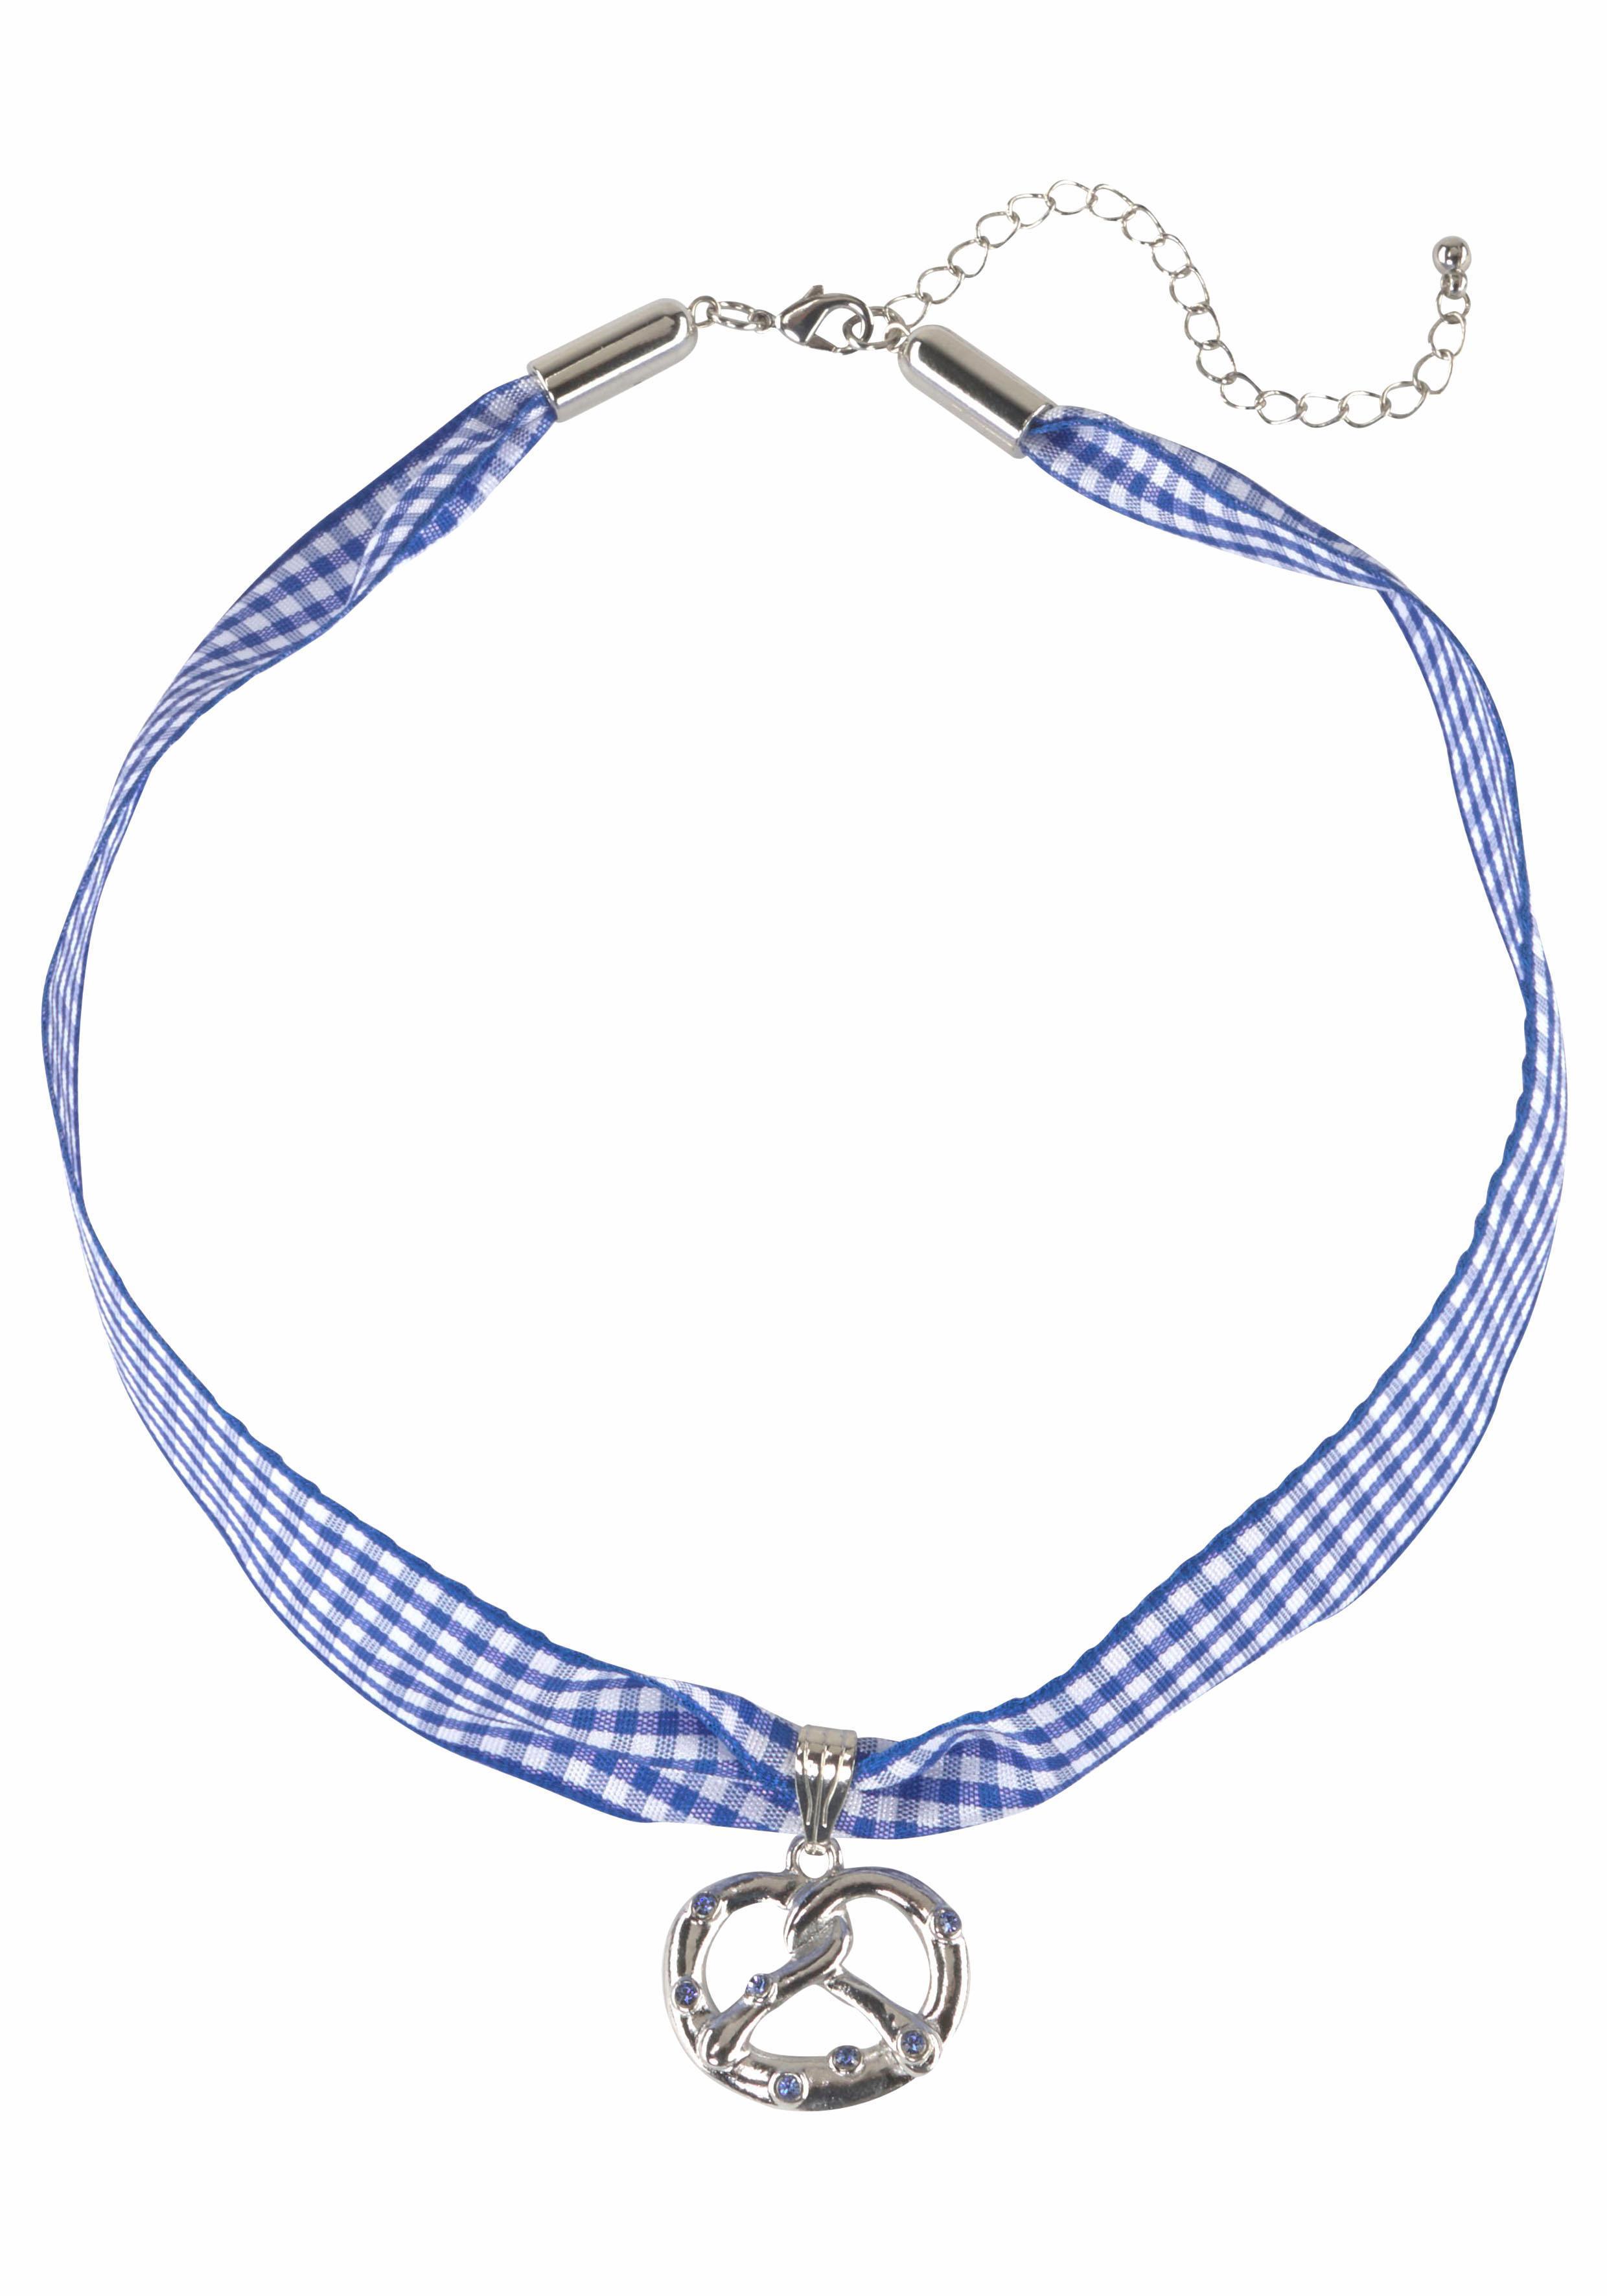 J.Jayz Halsband »kariert, mit Brezelanhänger blau/weiß, Wiesn, Trachten«   Schmuck > Halsketten > Halsbänder   J. JAYZ